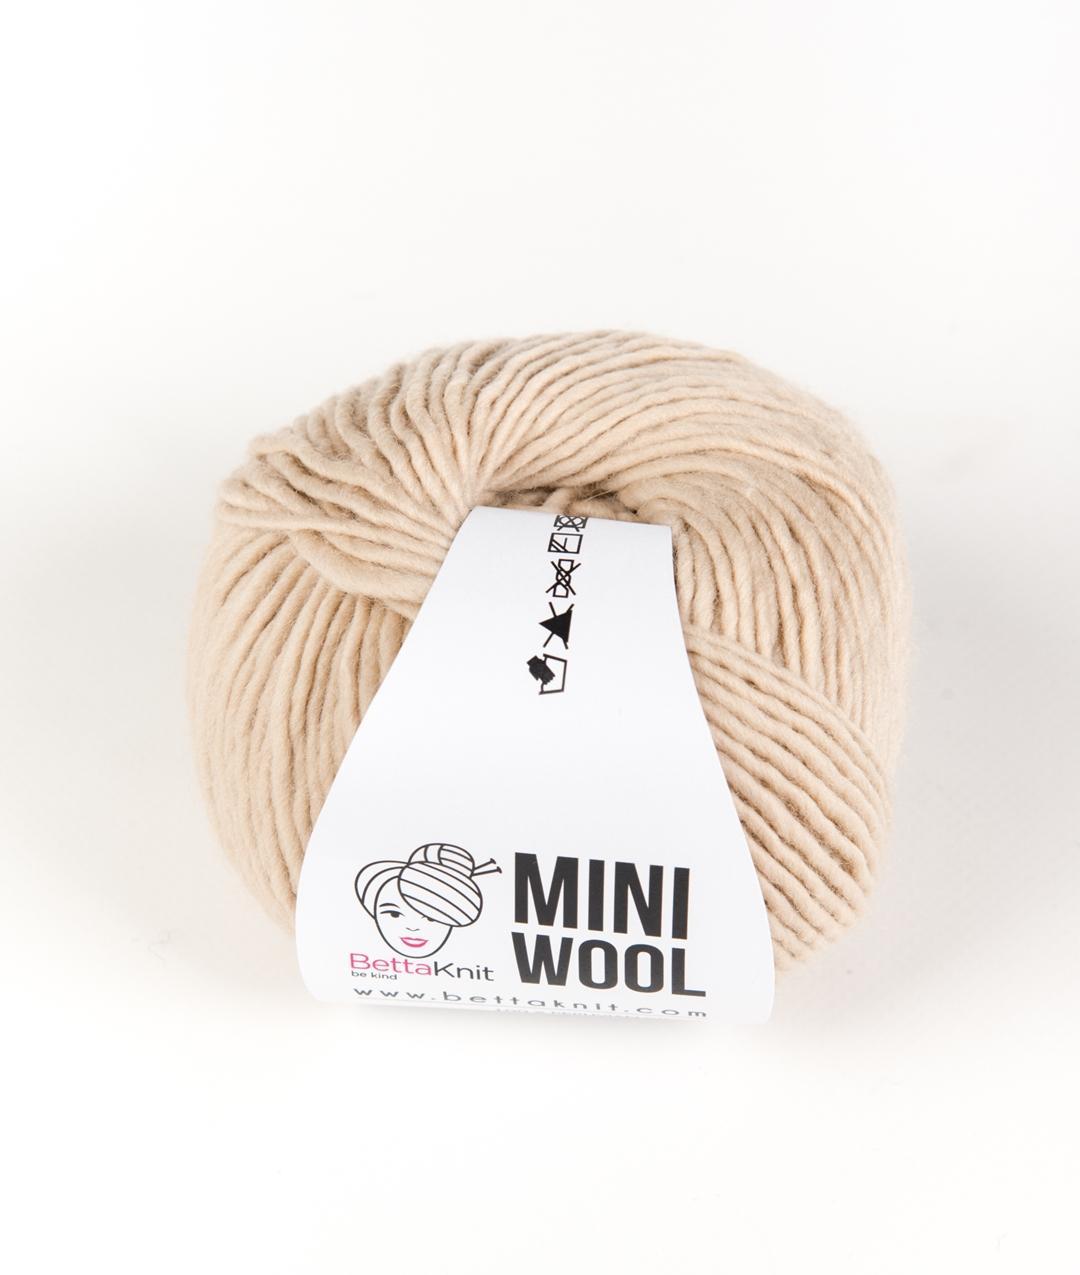 Confezioni di filato - Filati - Mini Wool Pack - 20 gomitoli - 1